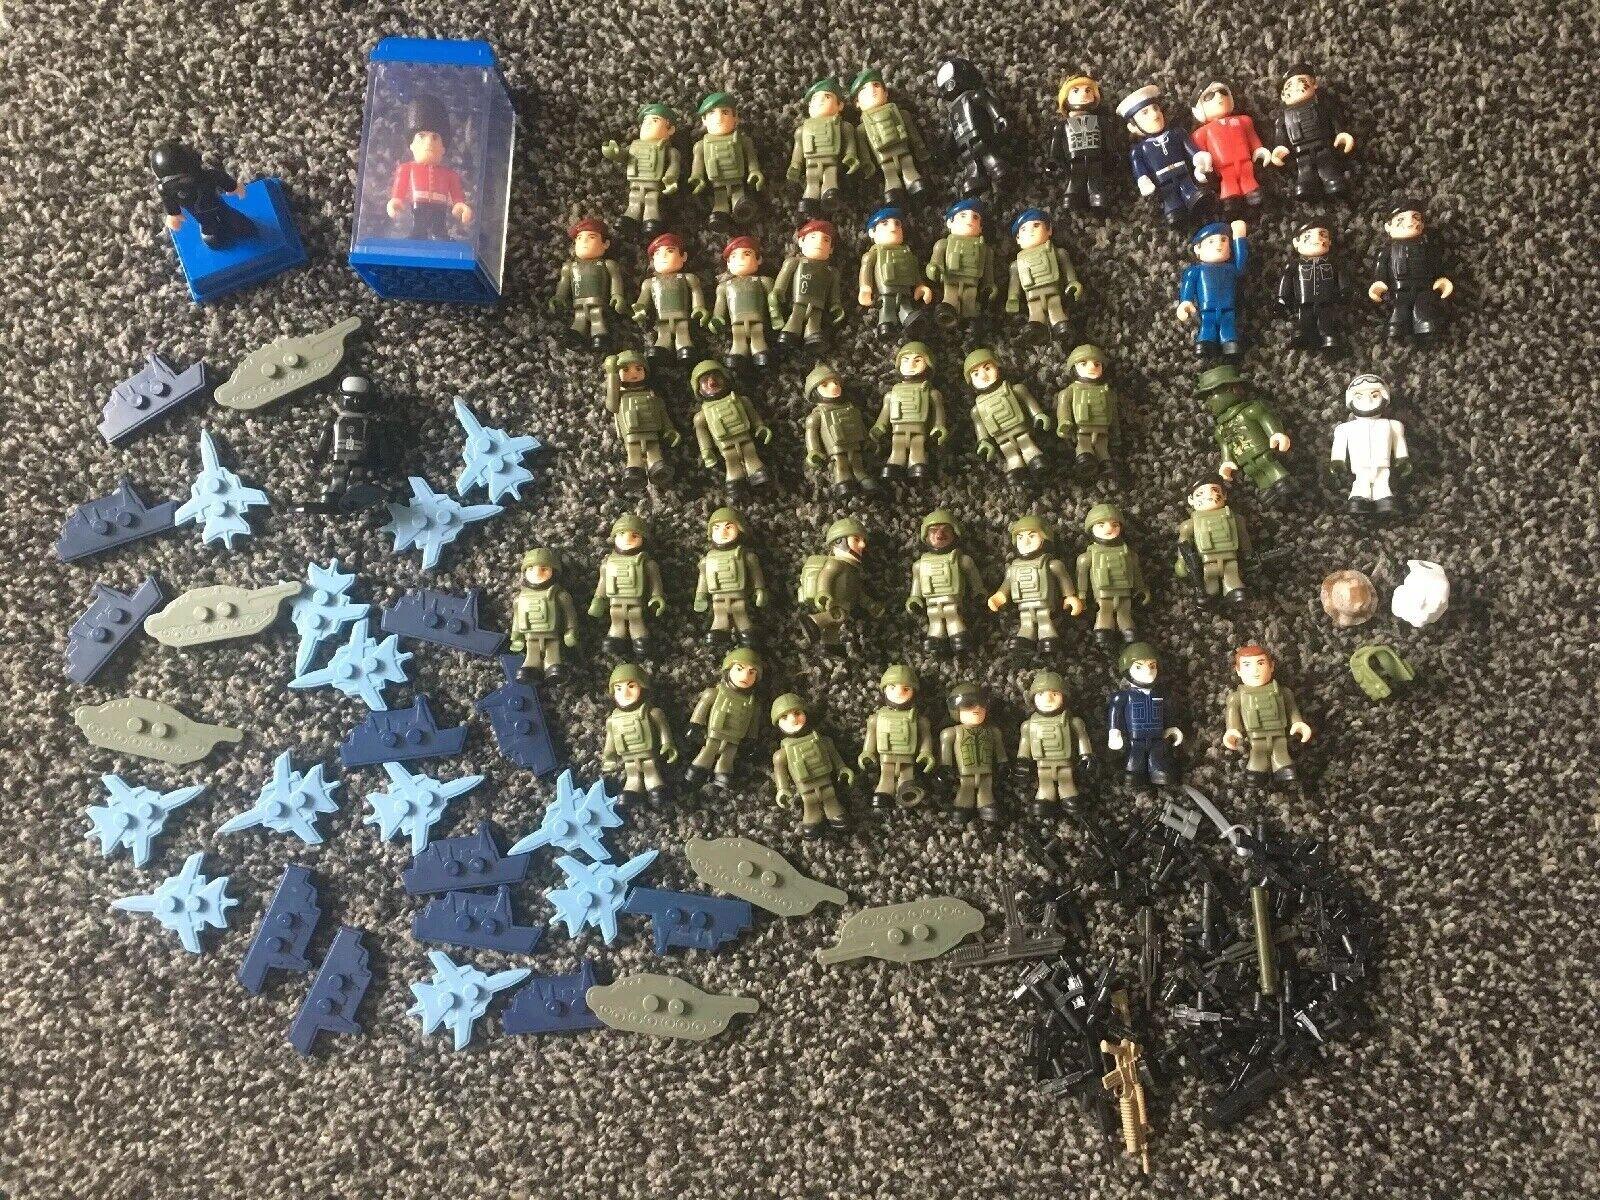 GReE LOTTO ODL x 46+ ARMY  & Militare Uomini Fit LEGO con armi usate  l'intera rete più bassa